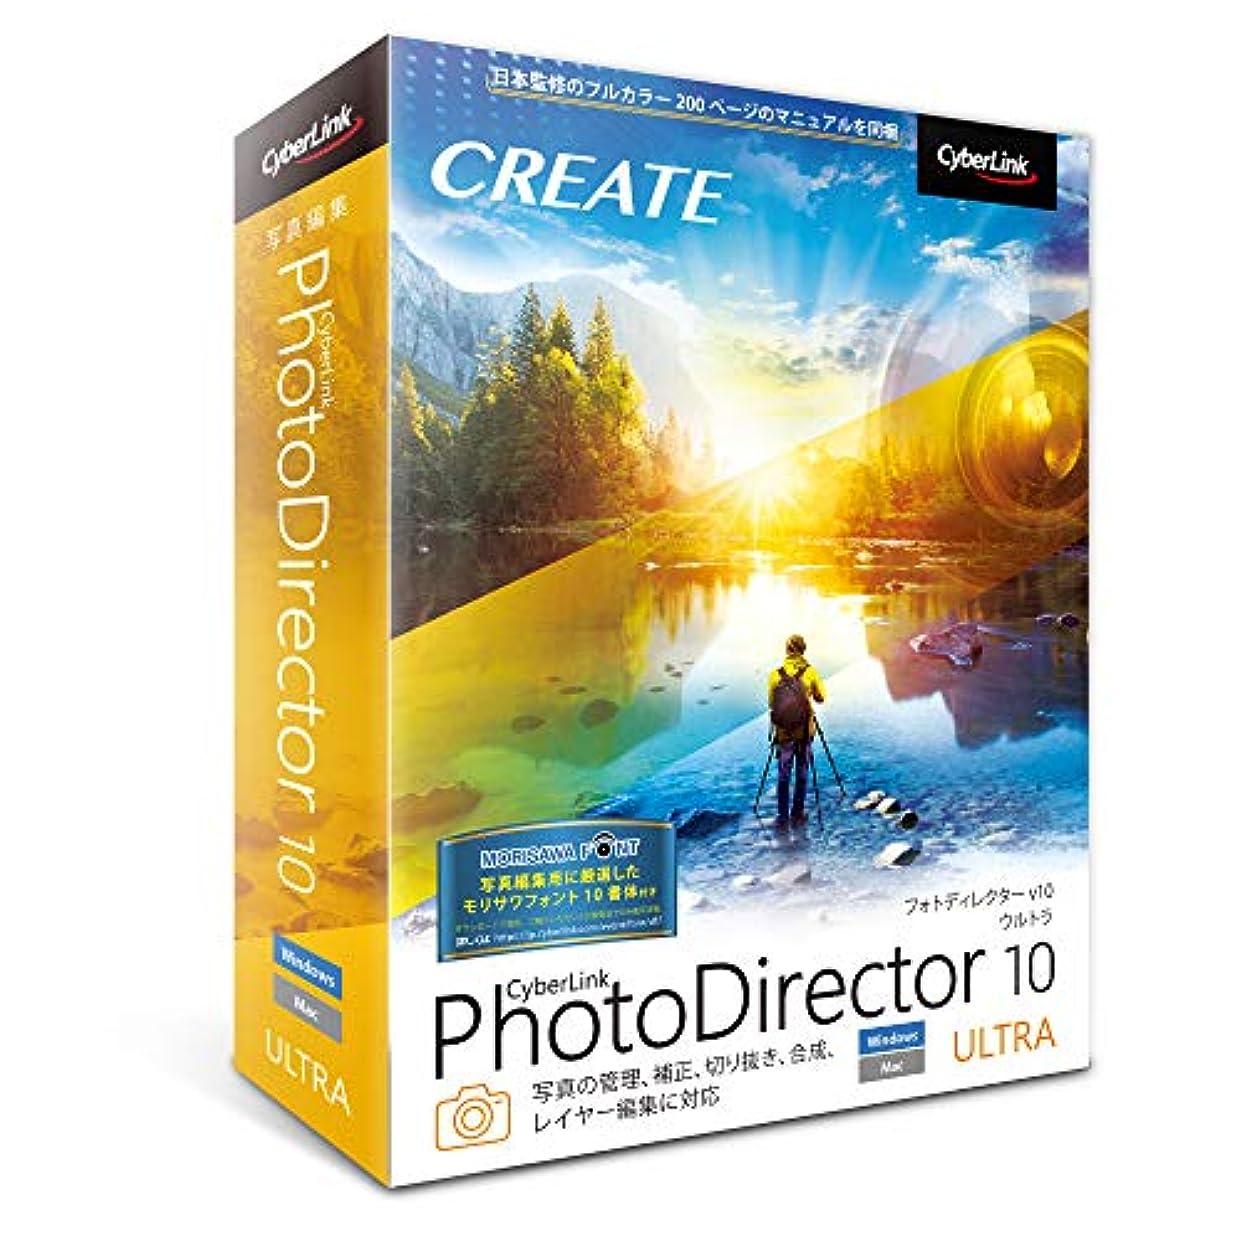 所得クランシー復活するサイバーリンク PhotoDirector 10 Ultra 通常版